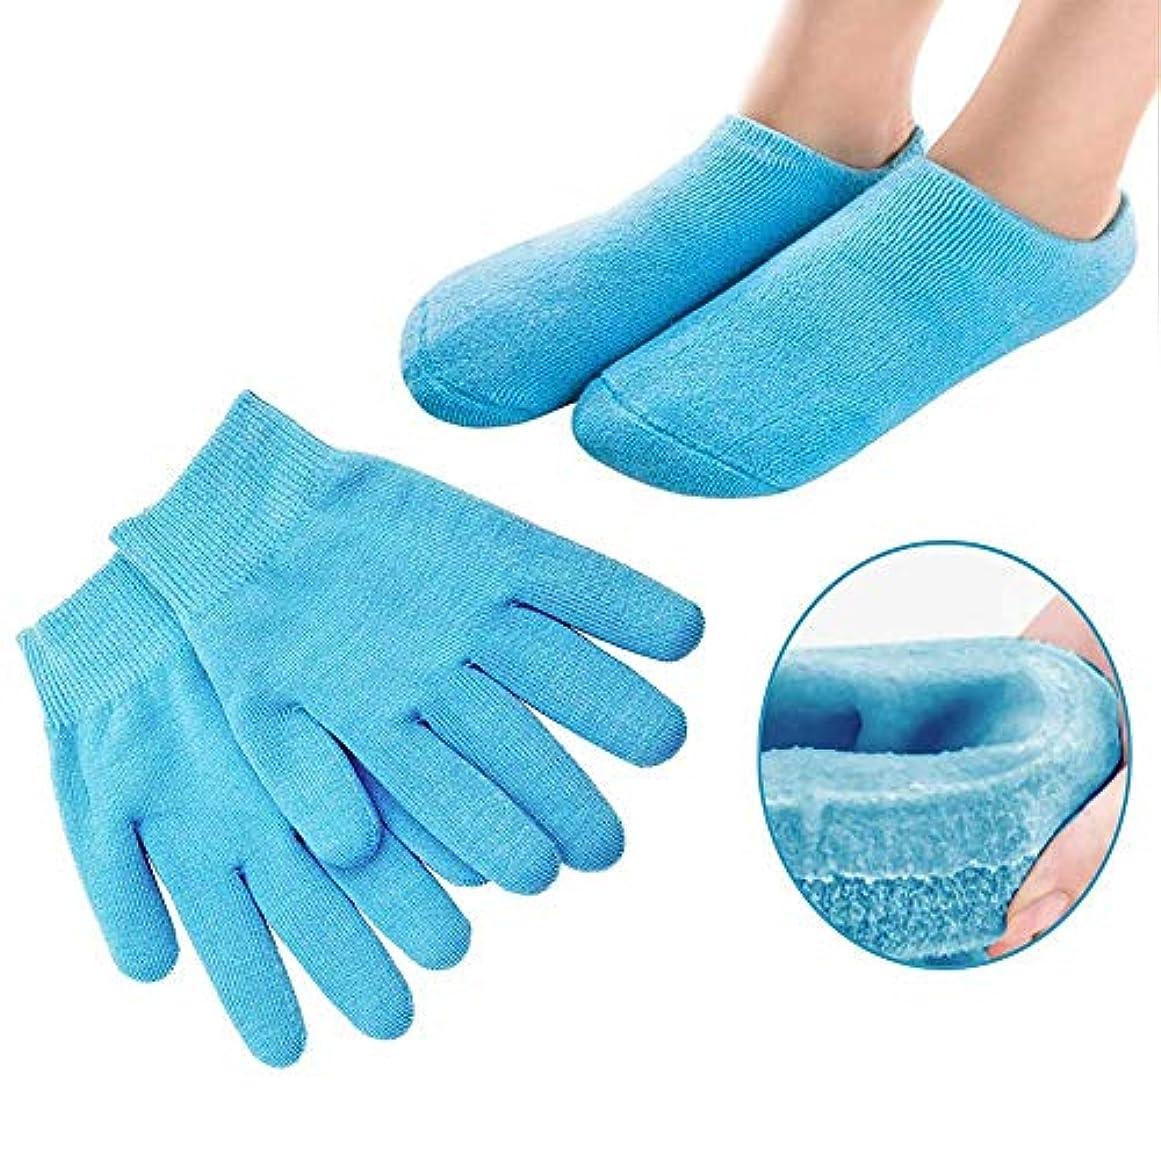 魅力的であることへのアピールスポンサー艦隊Pinkiou 眠る森のSPAジェルグローブ+SPAジェルソックス 手アグローブ フットケアソックス 角質取り 保湿 かかとケア オープントゥ 素肌美人 靴下と手袋セット いいお肌になりましょう(ブルー)